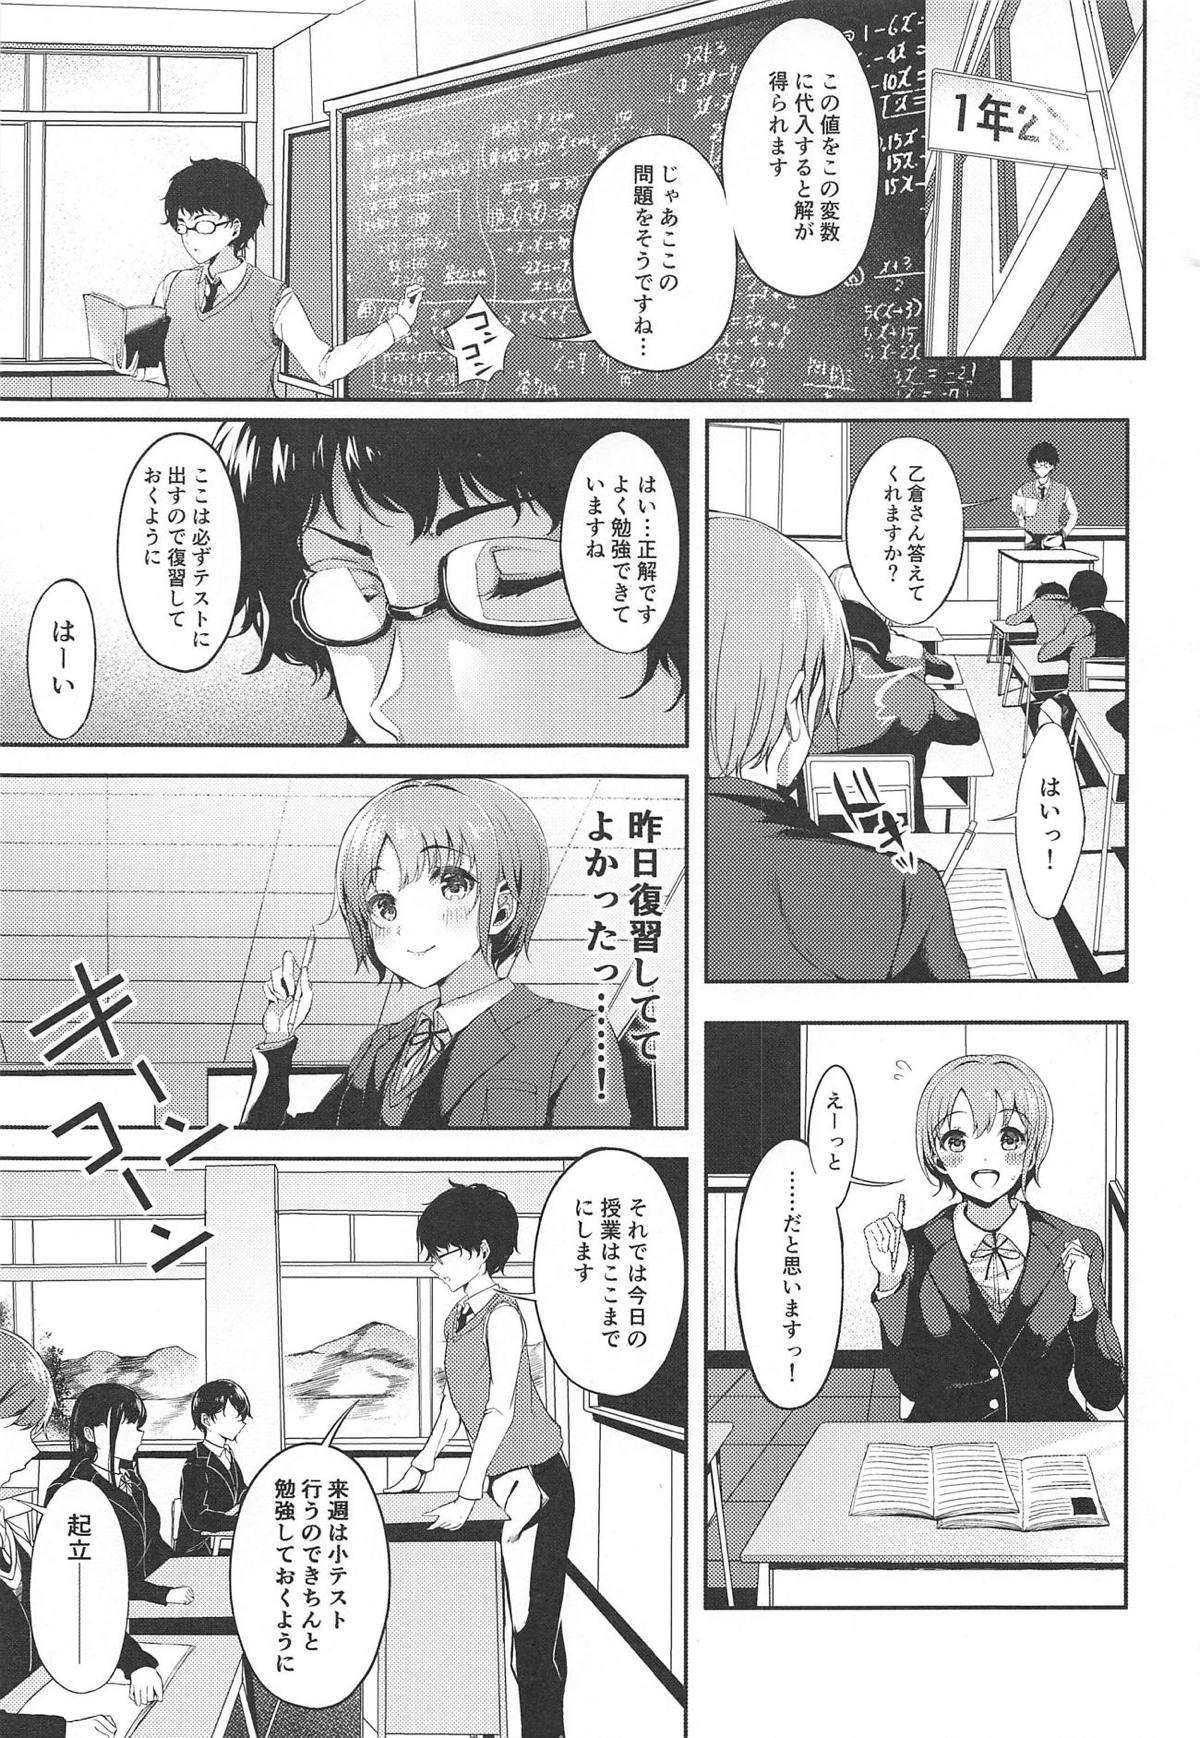 Akaneiro no Sora ga Yoru ni Somaru made 3